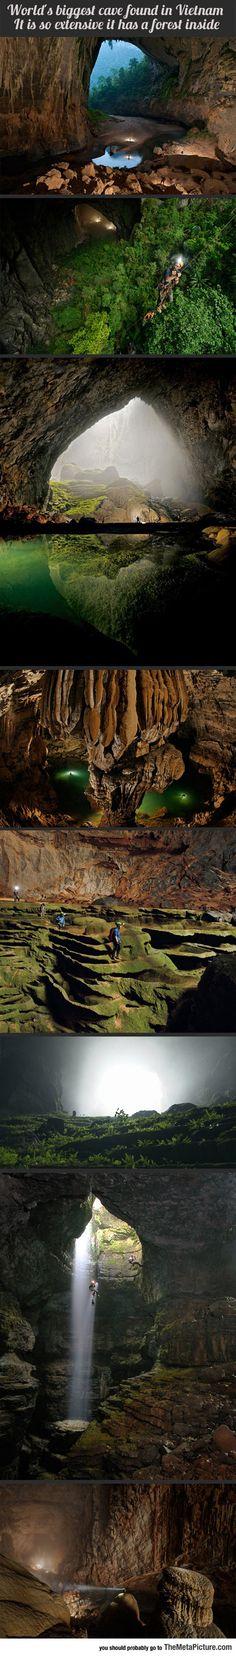 La cueva más grande del mundo - Vietnam